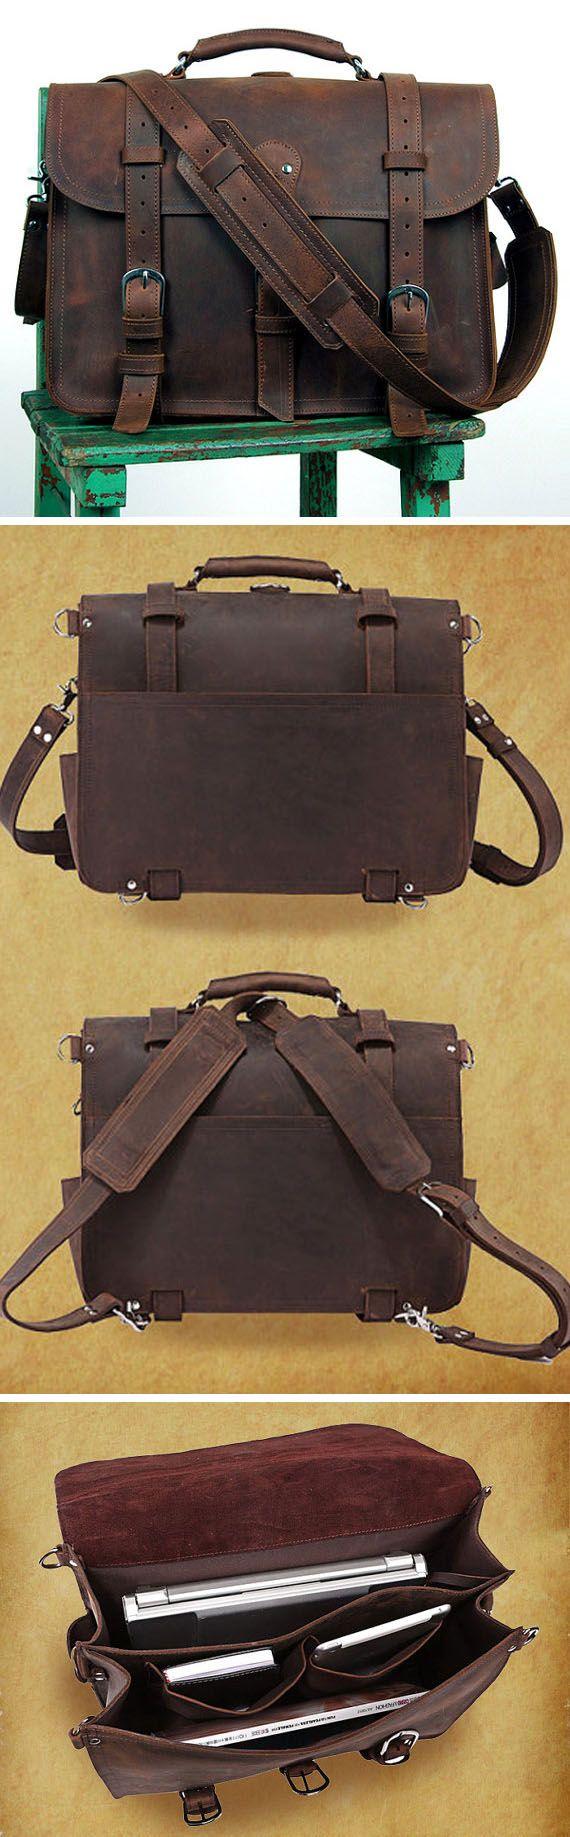 Me gusta la mochila porque es de cuero. También, me gusta la mochila porque tiene mis cosas. Puedo vestir la mochila a la escuela.